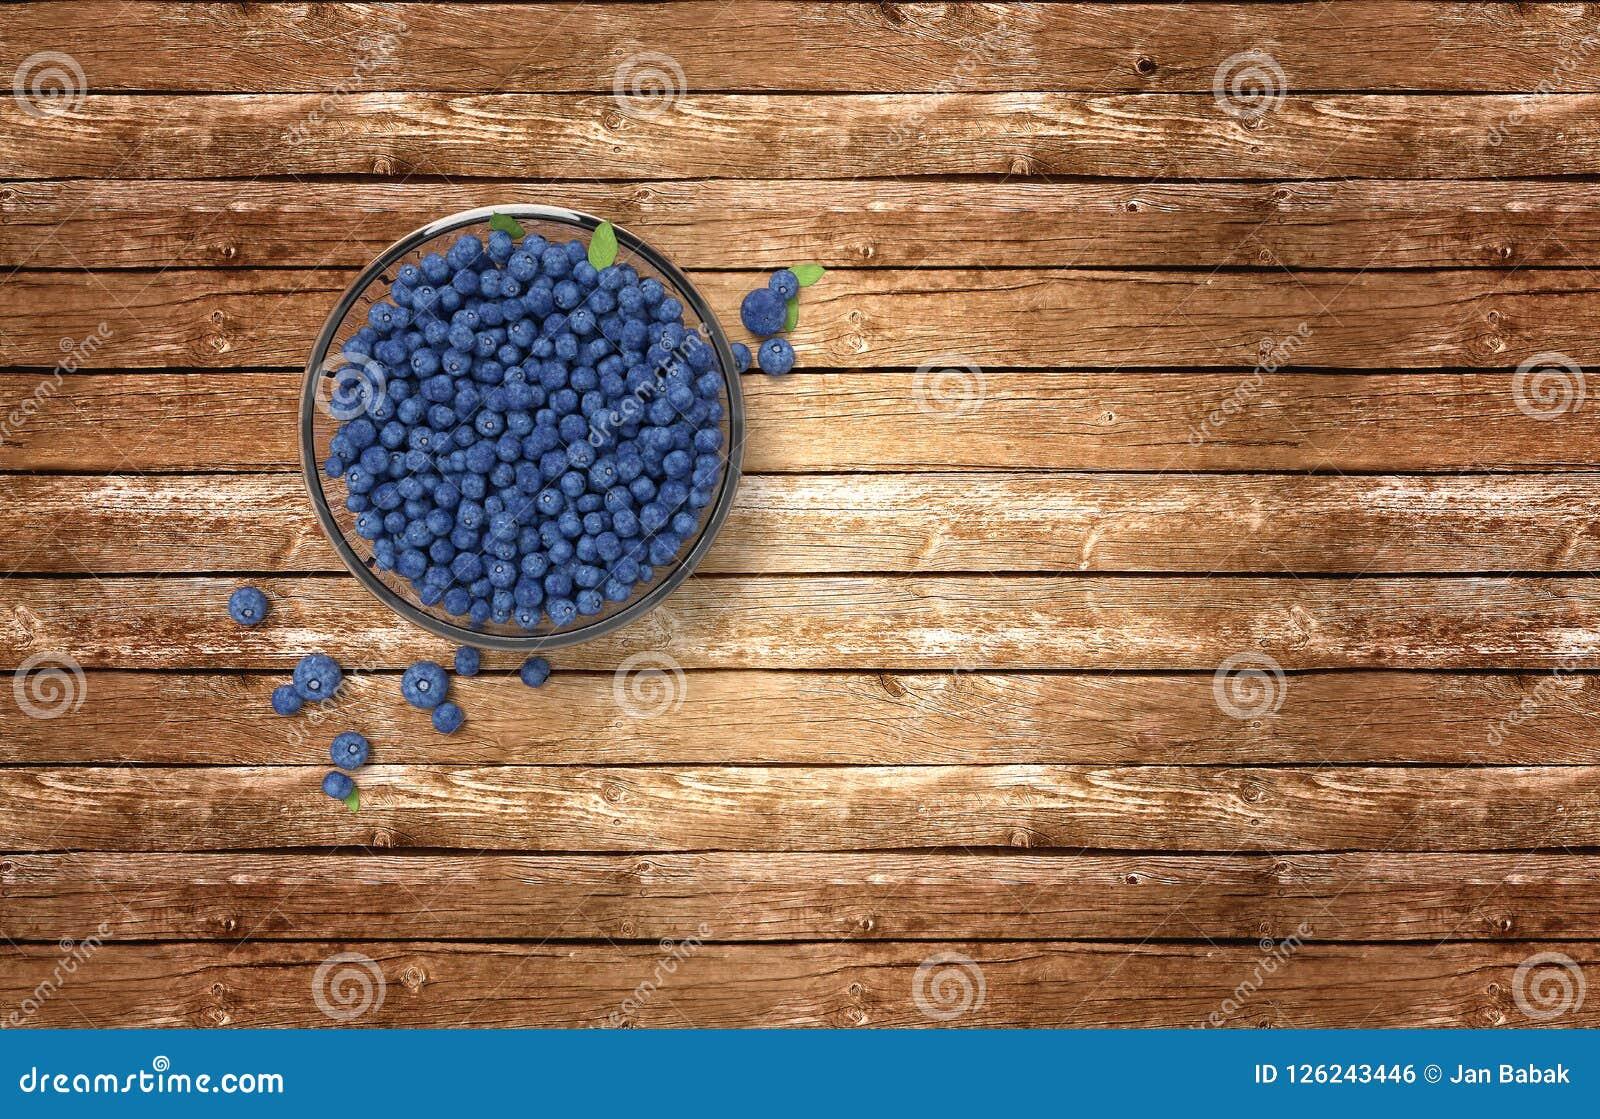 Glasschüssel voll Blaubeeren auf Holztisch